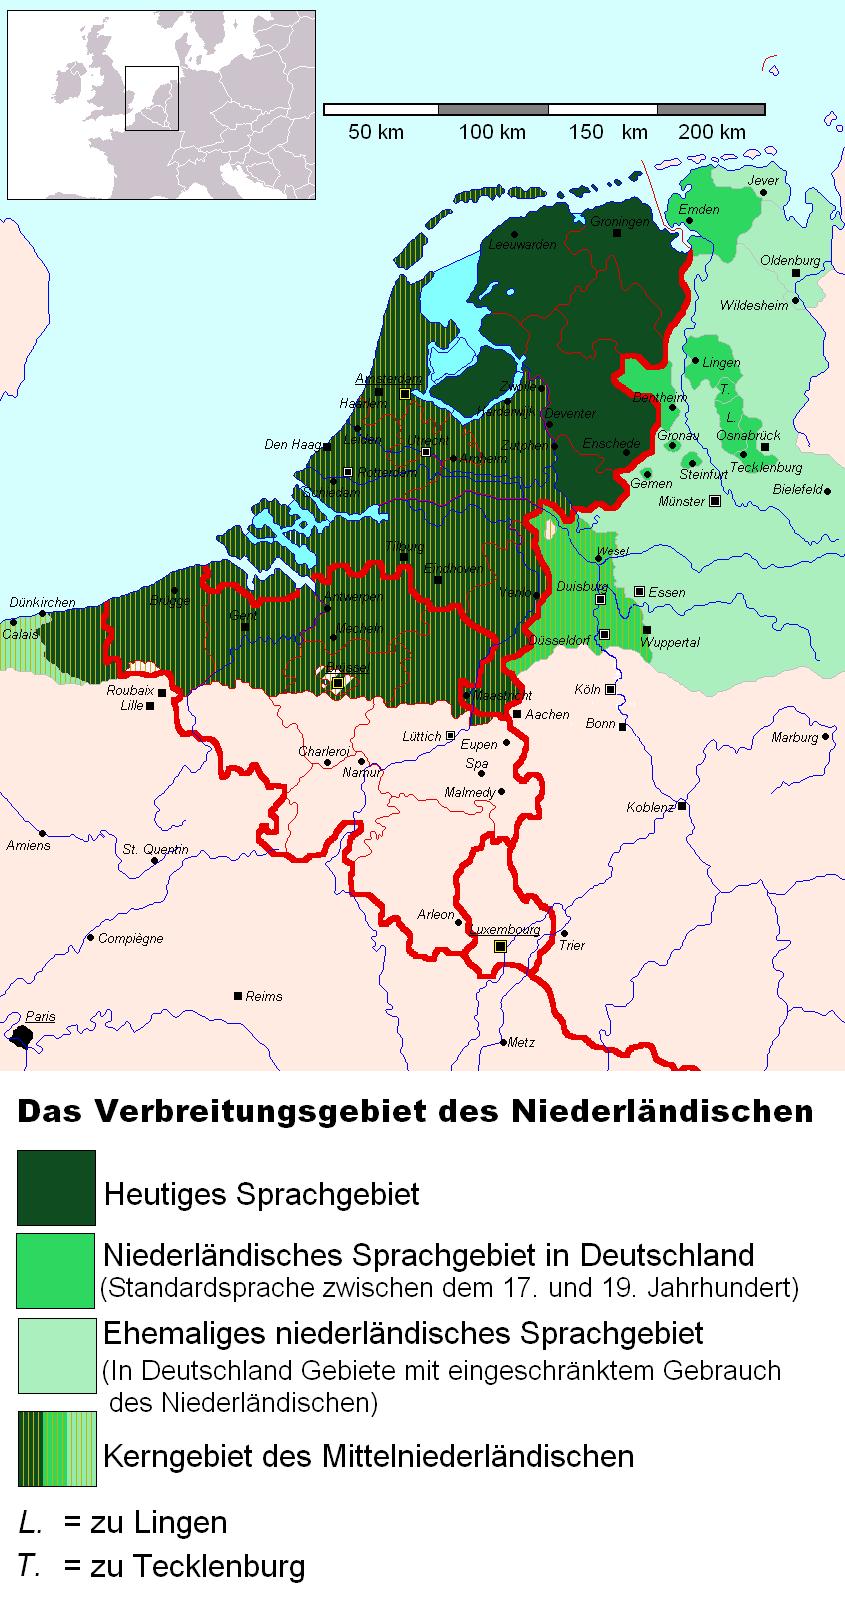 Verbreitungsgebiet_des_Niederländischen.PNG